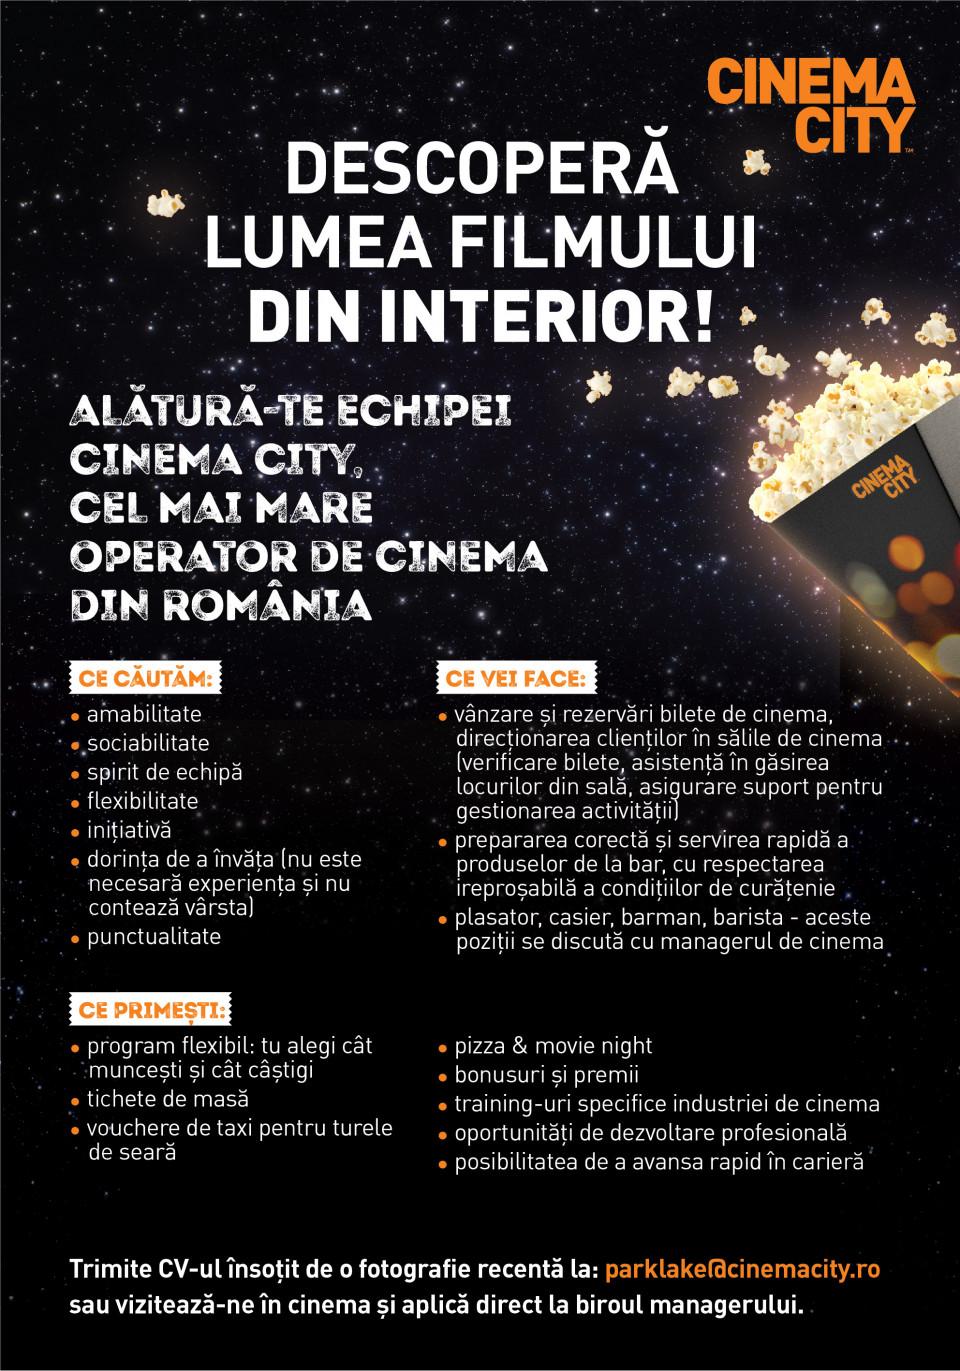 DESCOPERĂ LUMEA FILMULUI DIN INTERIOR!  Alătură-te echipei Cinema City, cel mai mare operator de cinema din România.  Cum ne dorim sa fie noul nostru coleg:  Cu atitudine pozitivă Dornic să învețe (nu este necesară experiența și nu contează vârsta) Punctual Cu bune abilități de comunicare și relaționare Amabil Să îi placă să lucreze în echipă Determinat Cu inițiativă Căutăm colegi care să descopere cu entuziasm lumea filmului din interior pentru următoarele roluri  Barman / Barista / Casier / Plasator  În funcție de rolul potrivit pentru tine, responsabilitățile generale ar putea fi:  - vânzarea de bilete și rezervări bilete de cinema, direcționarea clienților în cinema (verificare bilete, asistență în găsirea locurilor din sală, asigurare suport pentru gestionarea activității);  - preparea corectă și servirea rapidă a produselor de la bar sau cafenea, cu respectarea ireproșabilă a condițiilor de curățenie;  - întâmpinarea clienților și oferirea informațiilor corecte despre produsele noastre;  Barman / Barista / Casier / Plasator – aceste poziții se discută în cadrul interviului.  Ce îți garantăm:  - Program flexibil (tu alegi cât muncești și cât câștigi) - Tichete de masa - Pizza & Movie night - Bonusuri și premii - Training-uri specifice industriei de cinema - Vouchere de taxi pentru turele de seară - Oportunități de dezvoltare profesională - Posibilitatea de a avansa rapid în carieră  Punem accent pe dezvoltarea oamenilor și ne dorim ca fiecare coleg să fie foarte bine pregătit profesional existând șanse de promovare. Dezvoltă și tu o carieră în industria de cinema!  Trimite CV-ul insotit de o fotografie recenta la: parklake@cinemacity.ro sau viziteaza-ne in cinema si aplica direct la biroul managerului.  Te așteptăm cu drag! Descoperă lumea filmului din interior!Alătură-te echipei Cinema City, cel mai mare operator de cinema din România, parte din Cineworld, al doilea mare lanț de cinematografe din lume!Ne dorim să fim cel mai bun loc unde se vizionează filmele 